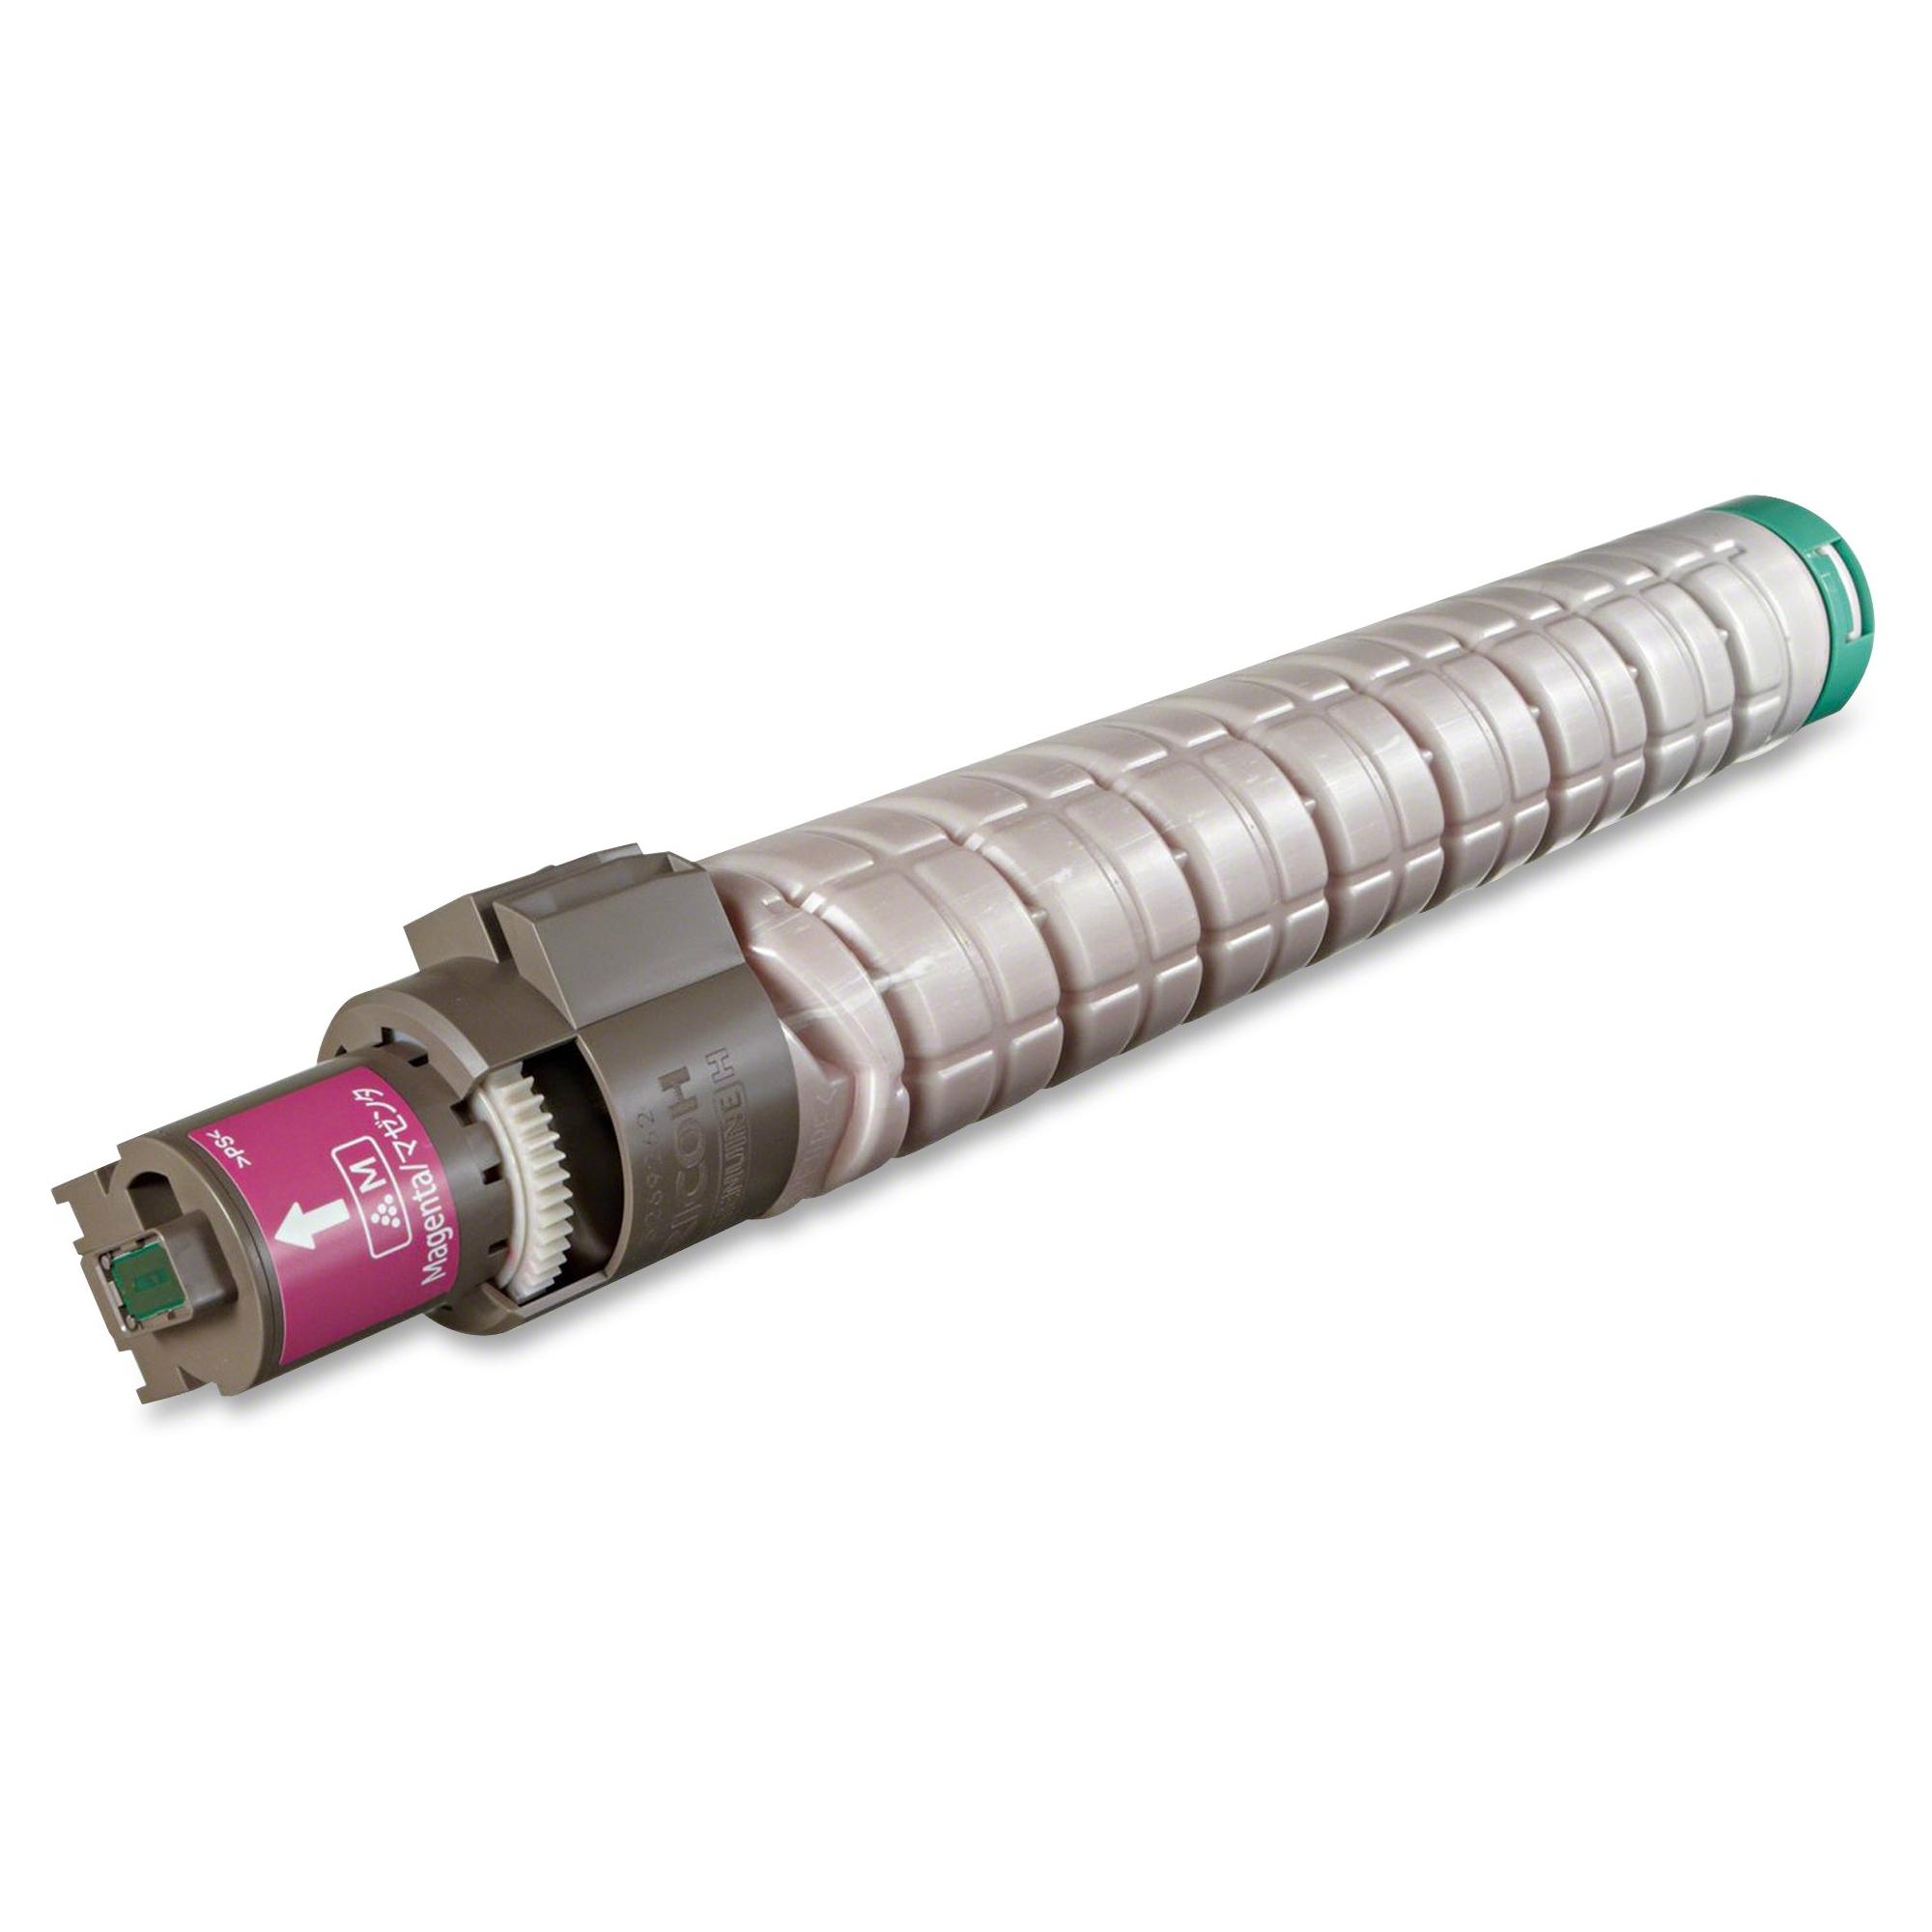 Magenta - original - toner cartridge - for Lanier SP C820 Gestetner SP C820 Nashuatec SP C820 NRG SP C820 Rex Rotary SP C820